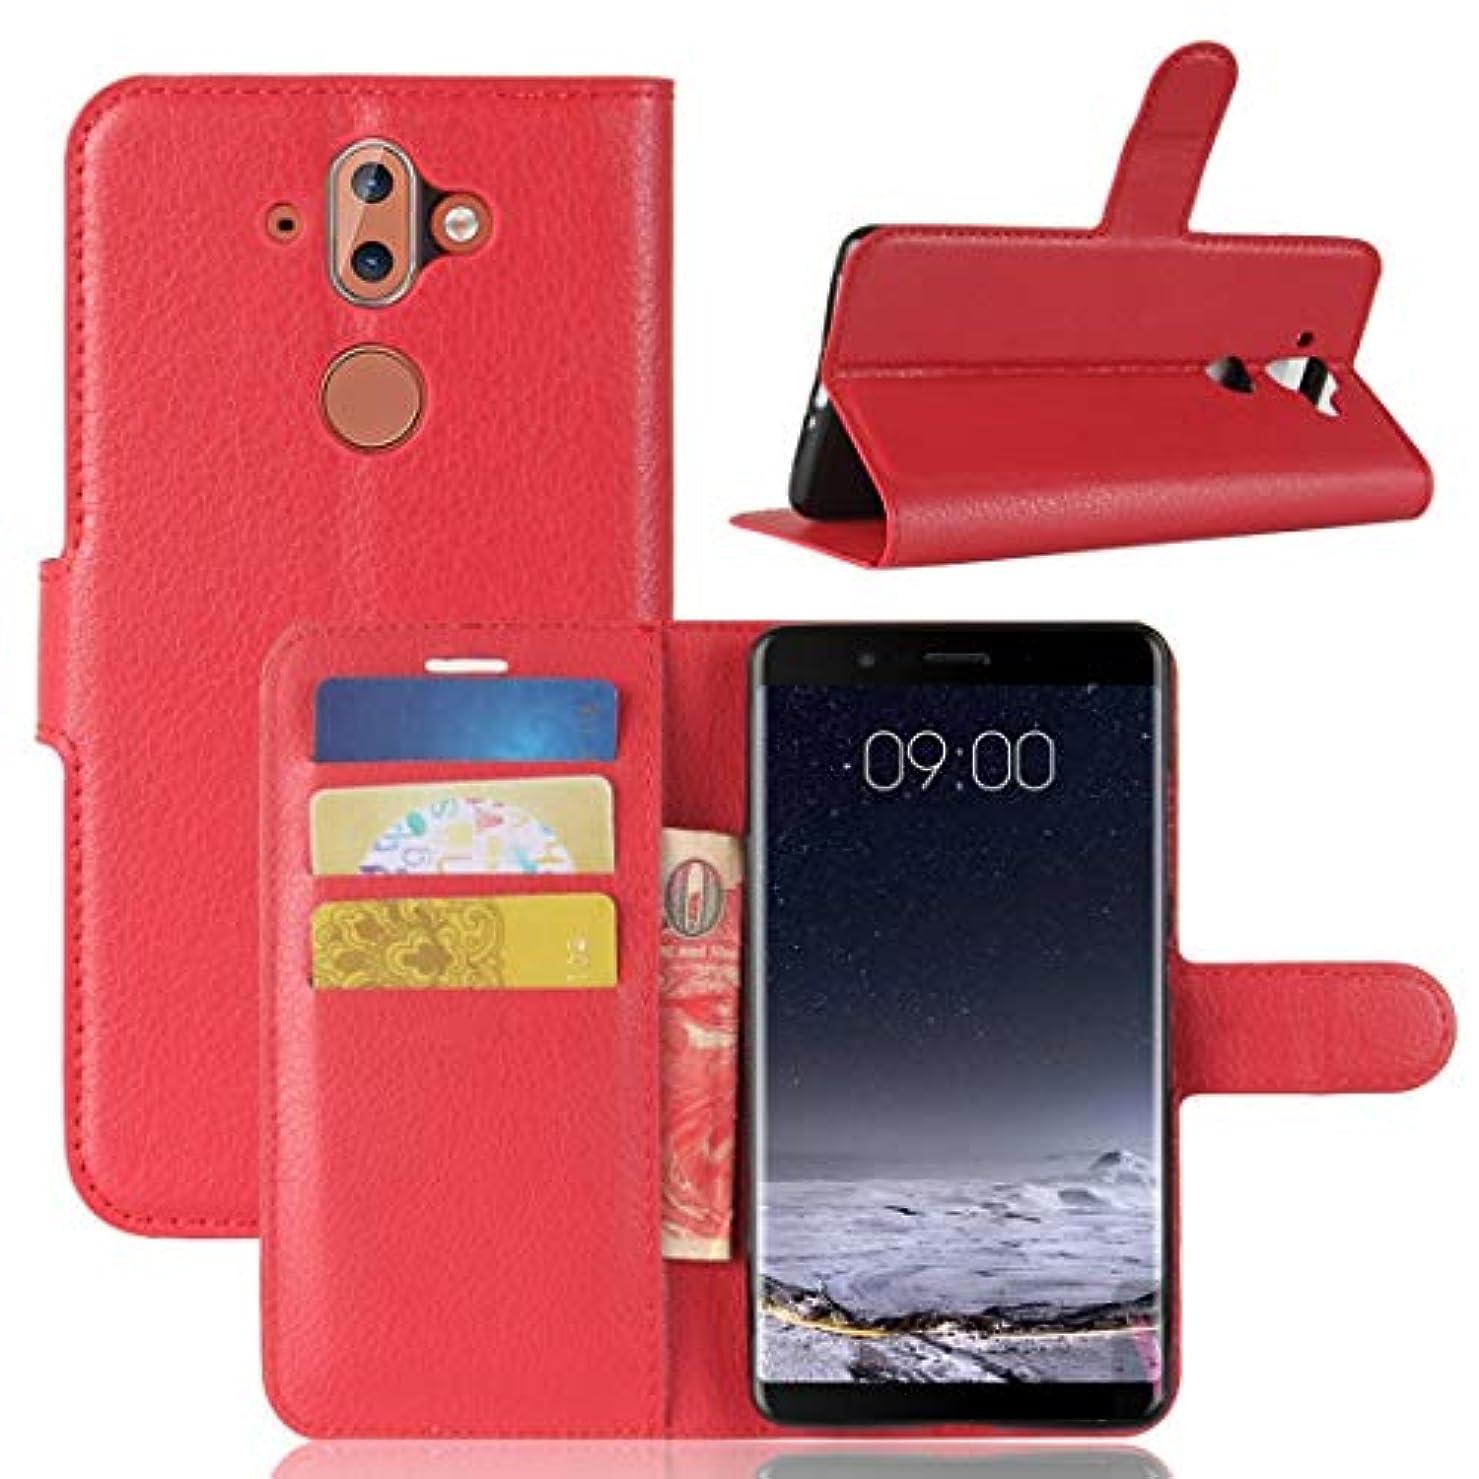 慣れるカニサッカーYMF Nokia 8 Sirocco レイシ·テクスチャのためのホルダー&カード·スロット&財布と水平フリップ·レザー·ケース (Color : Red)